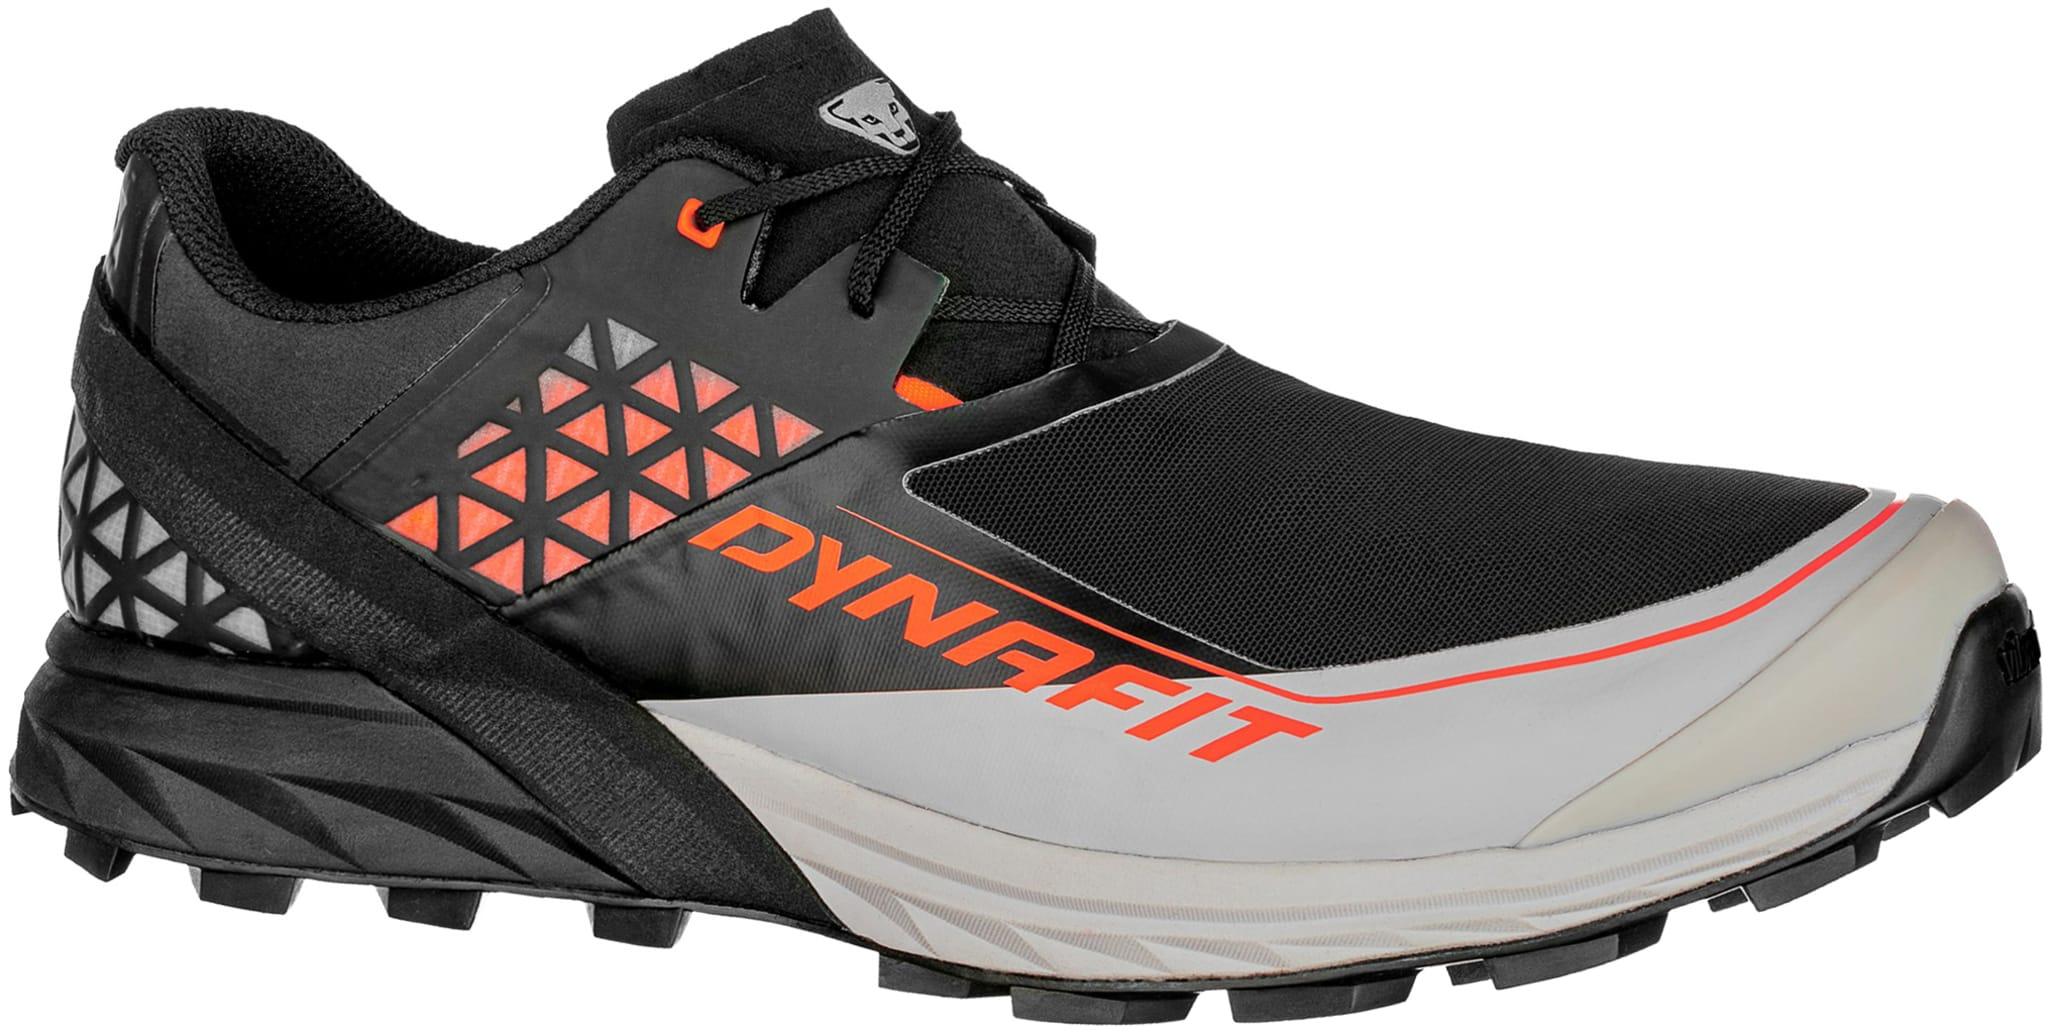 Race-sko designet for løp i teknisk og utfordrende terreng